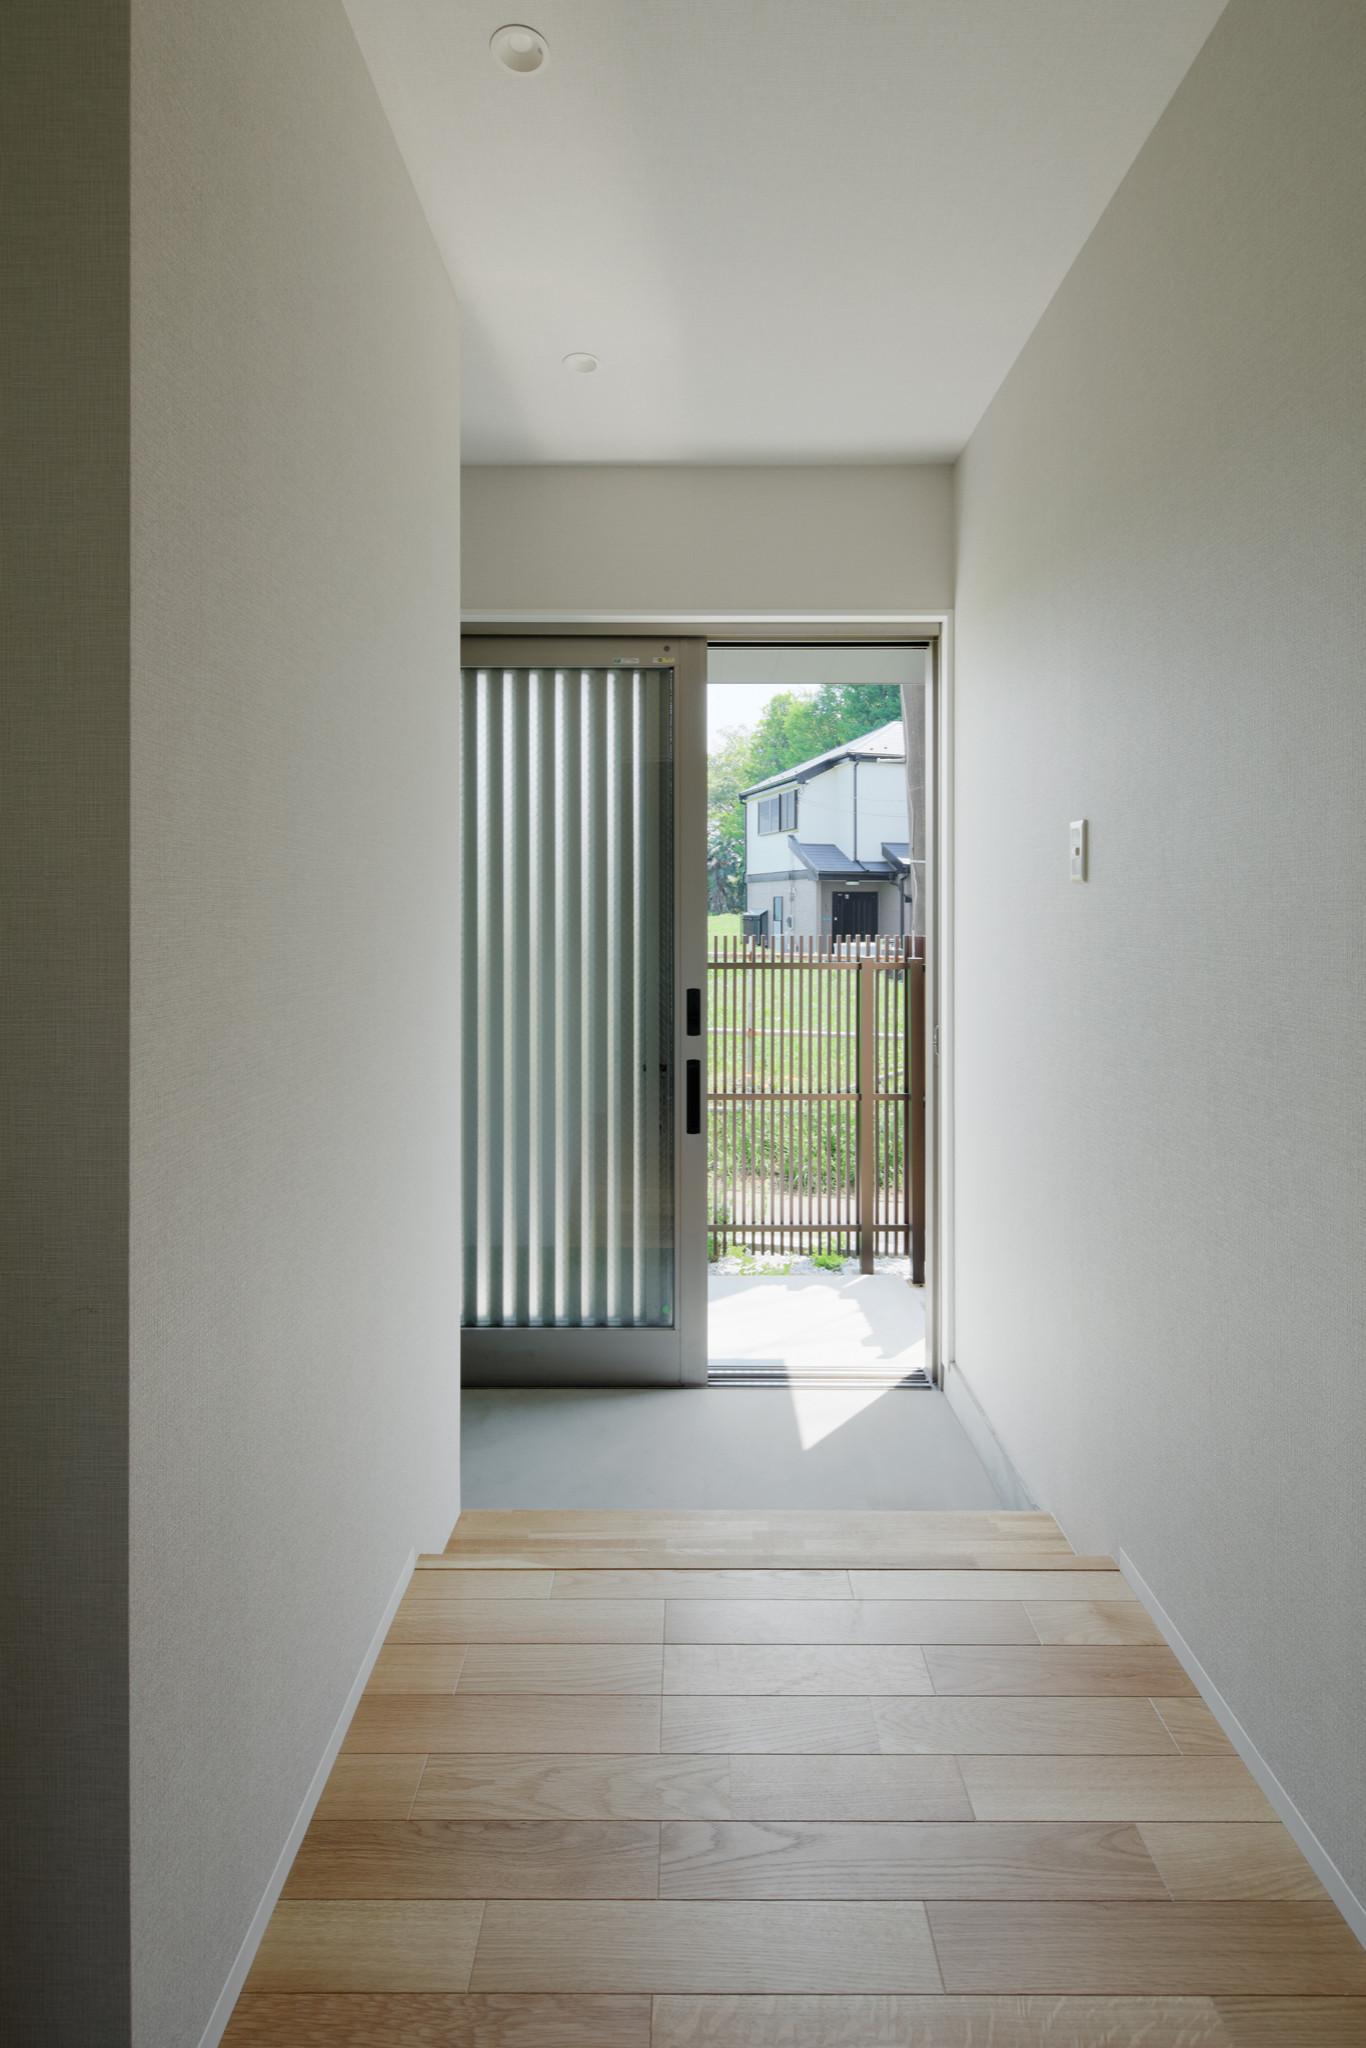 Hハウス改修工事/玄関